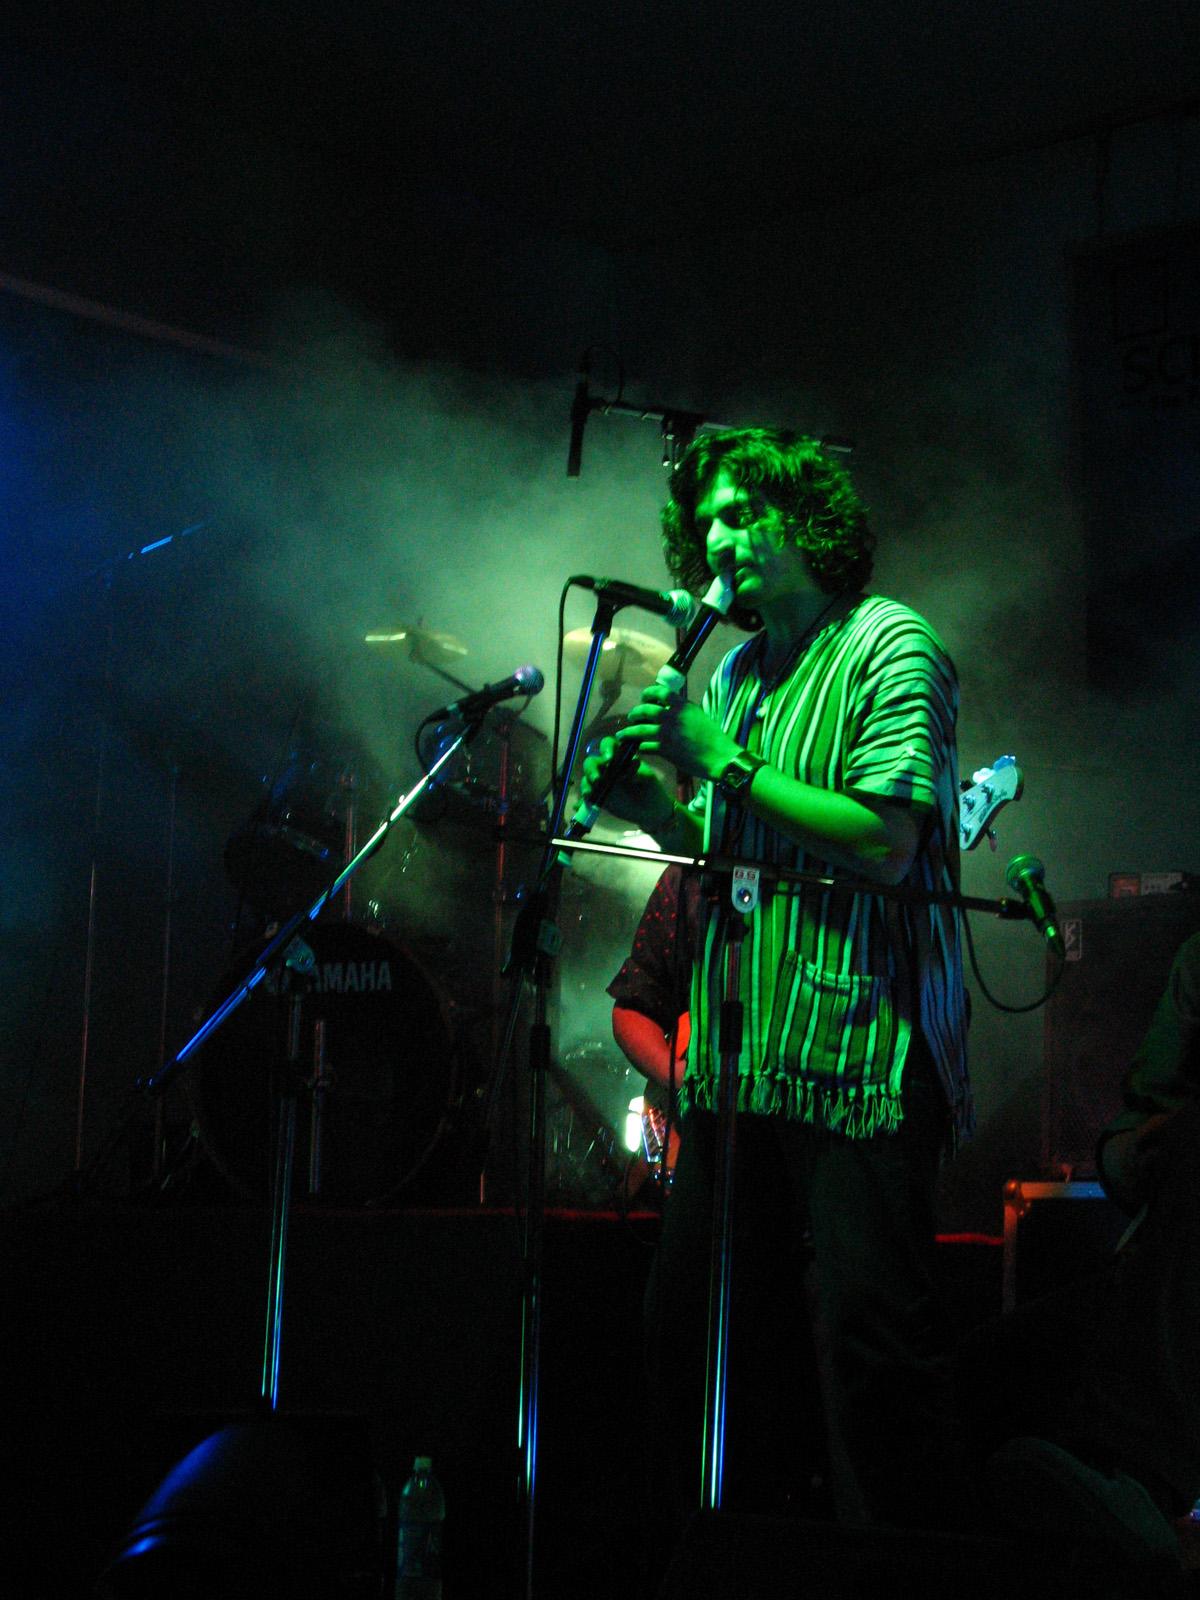 Flute blues photo